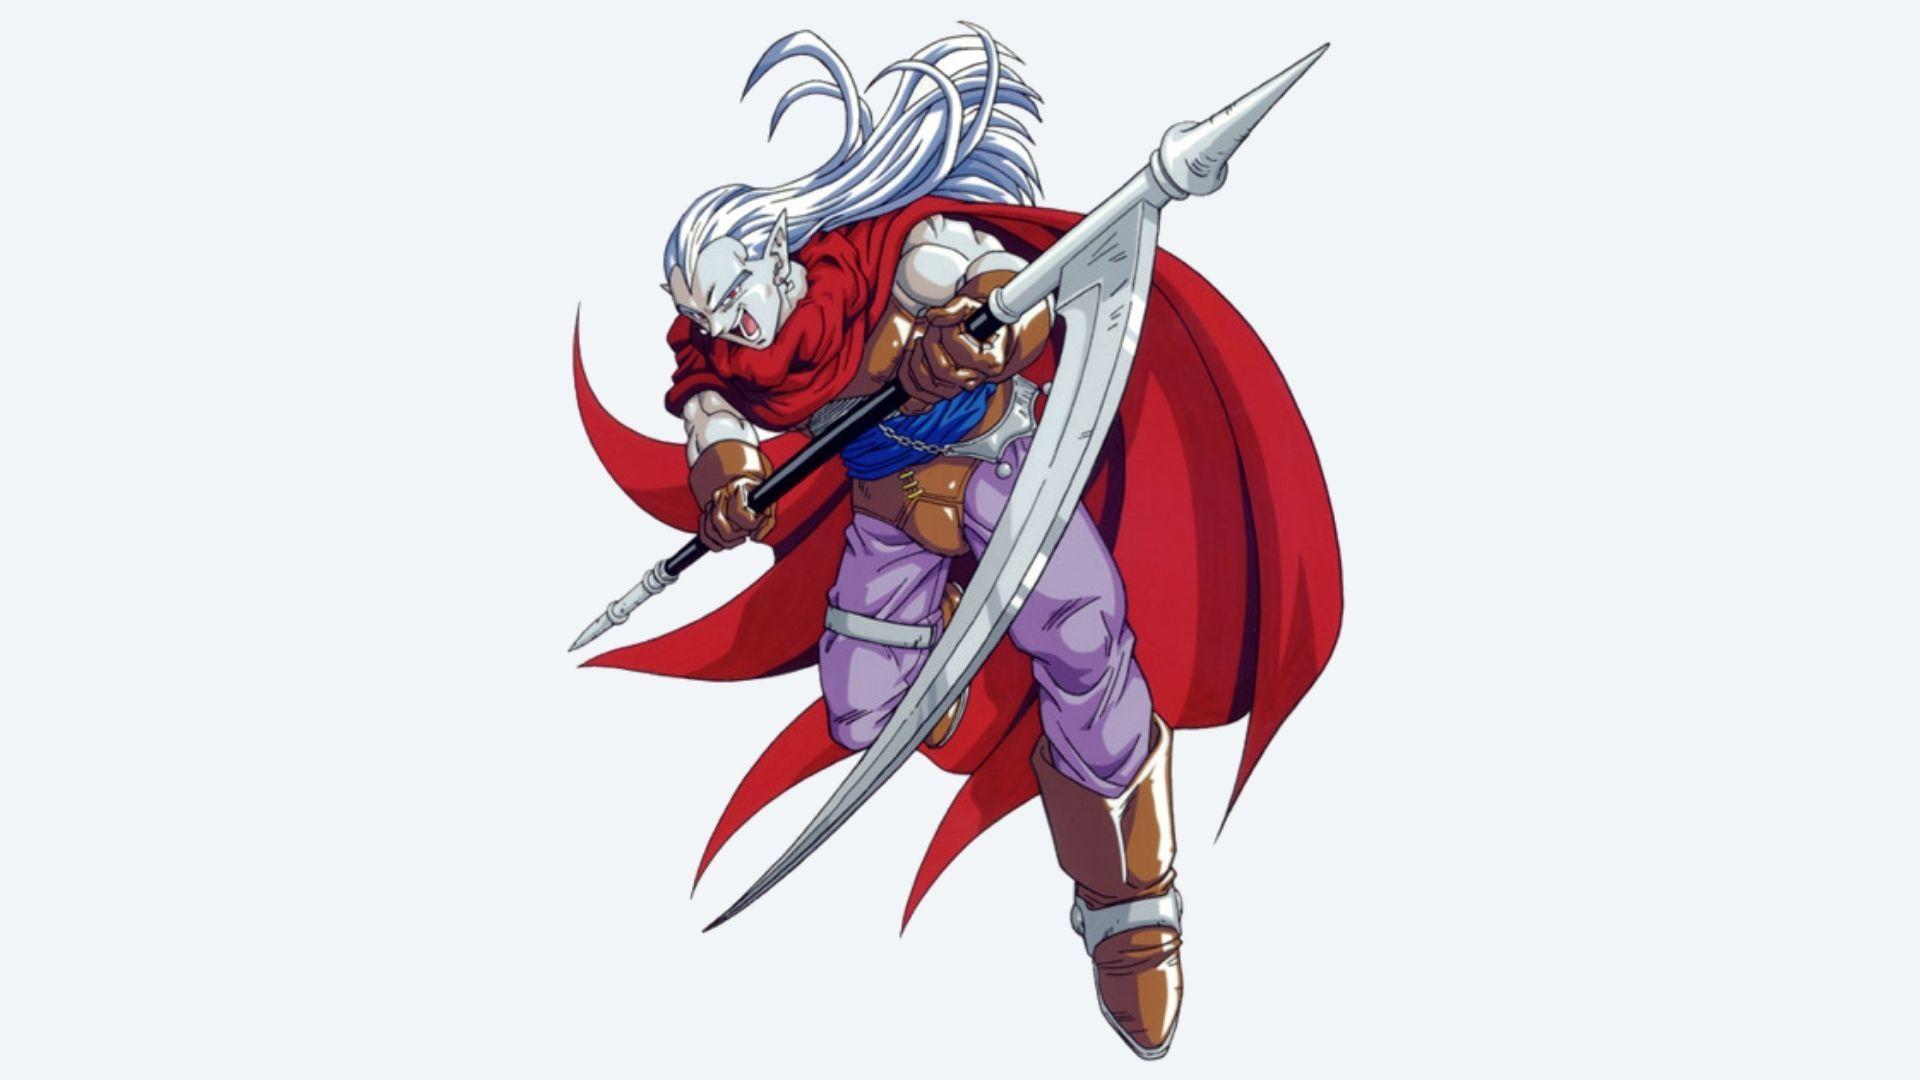 Magus é um feiticeiro misterioso e possível aliado (Foto: Divulgação/Square Enix)